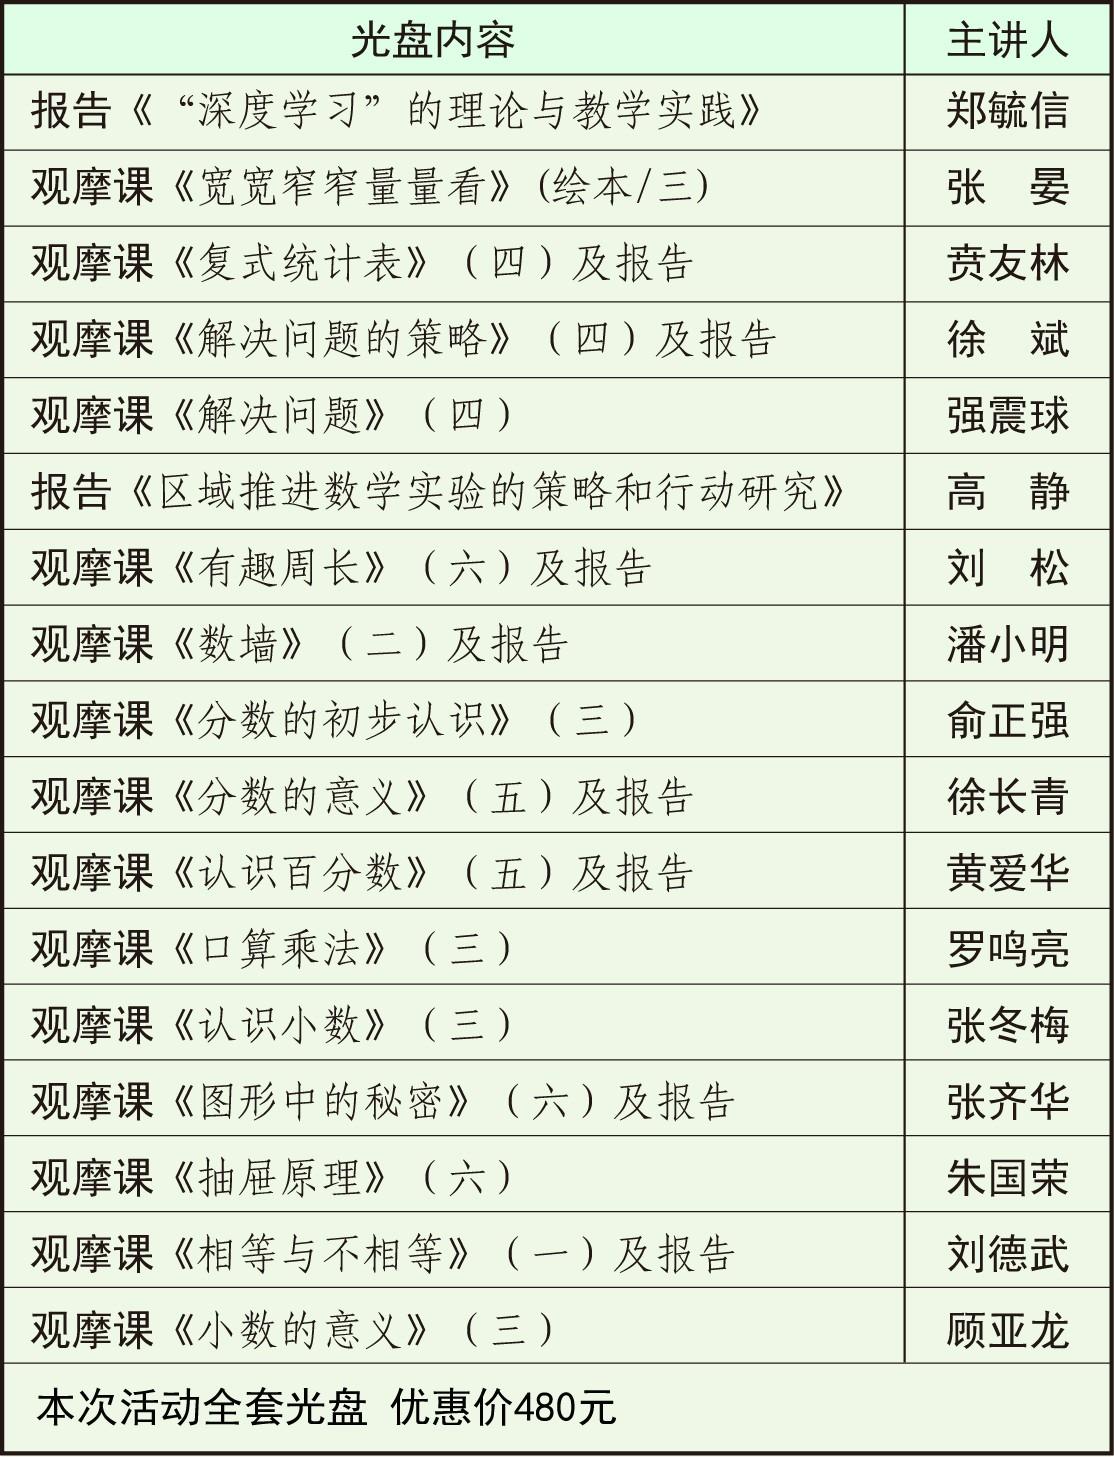 28届扬州数学光盘图.jpg